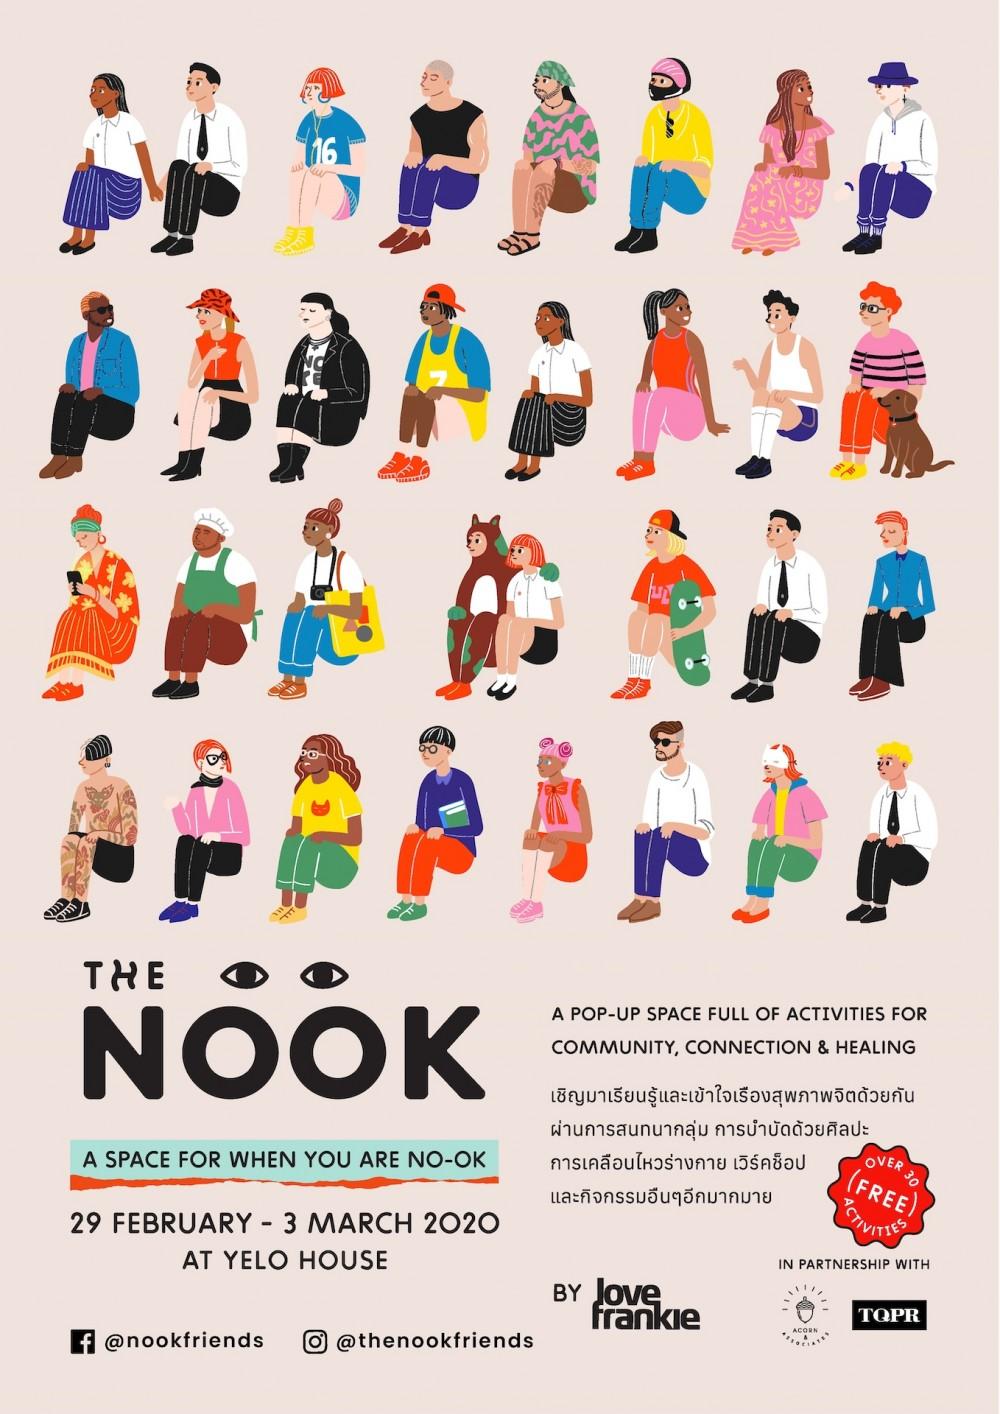 เดอะนุก (The Nook) กิจกรรมป๊อบอัพสุขภาพจิตสำหรับเยาวชน ครั้งแรกในกรุงเทพฯ